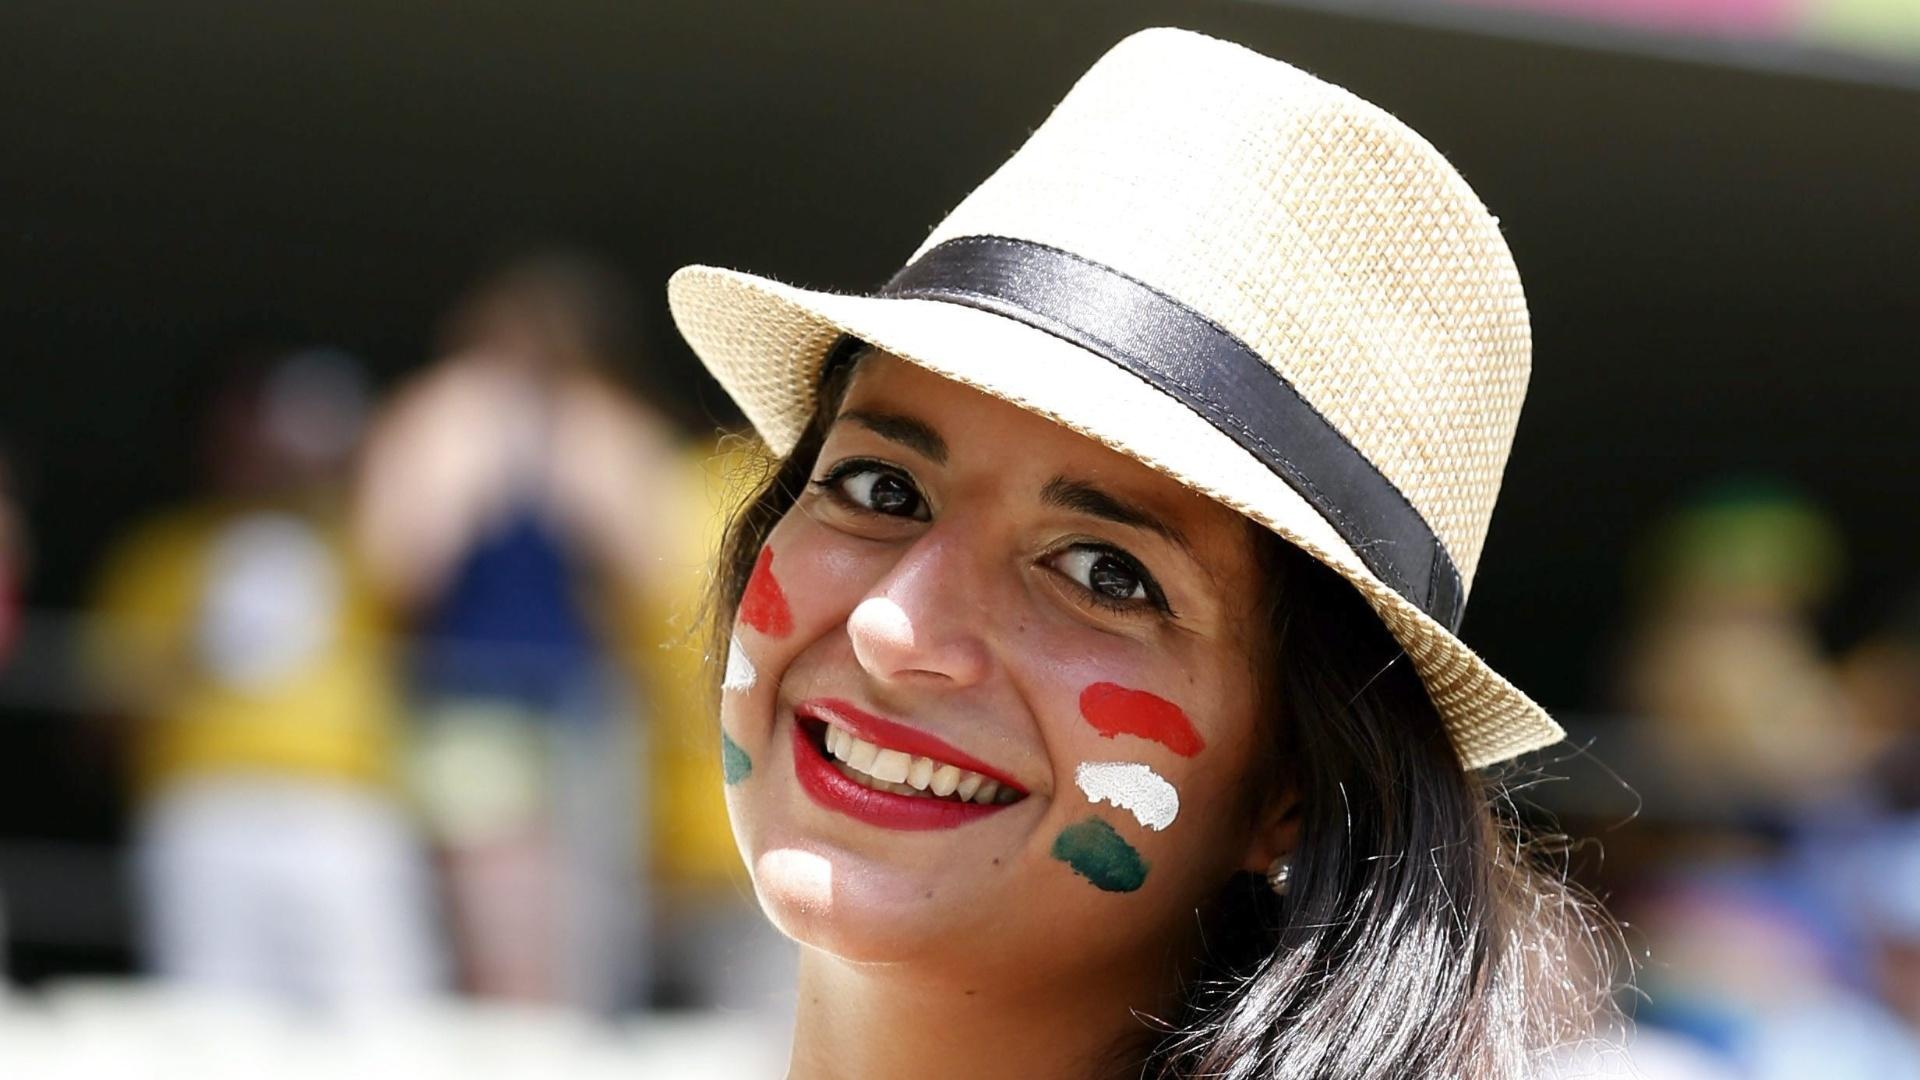 Torcedora do México sorri antes do jogo contra a Holanda no Castelão